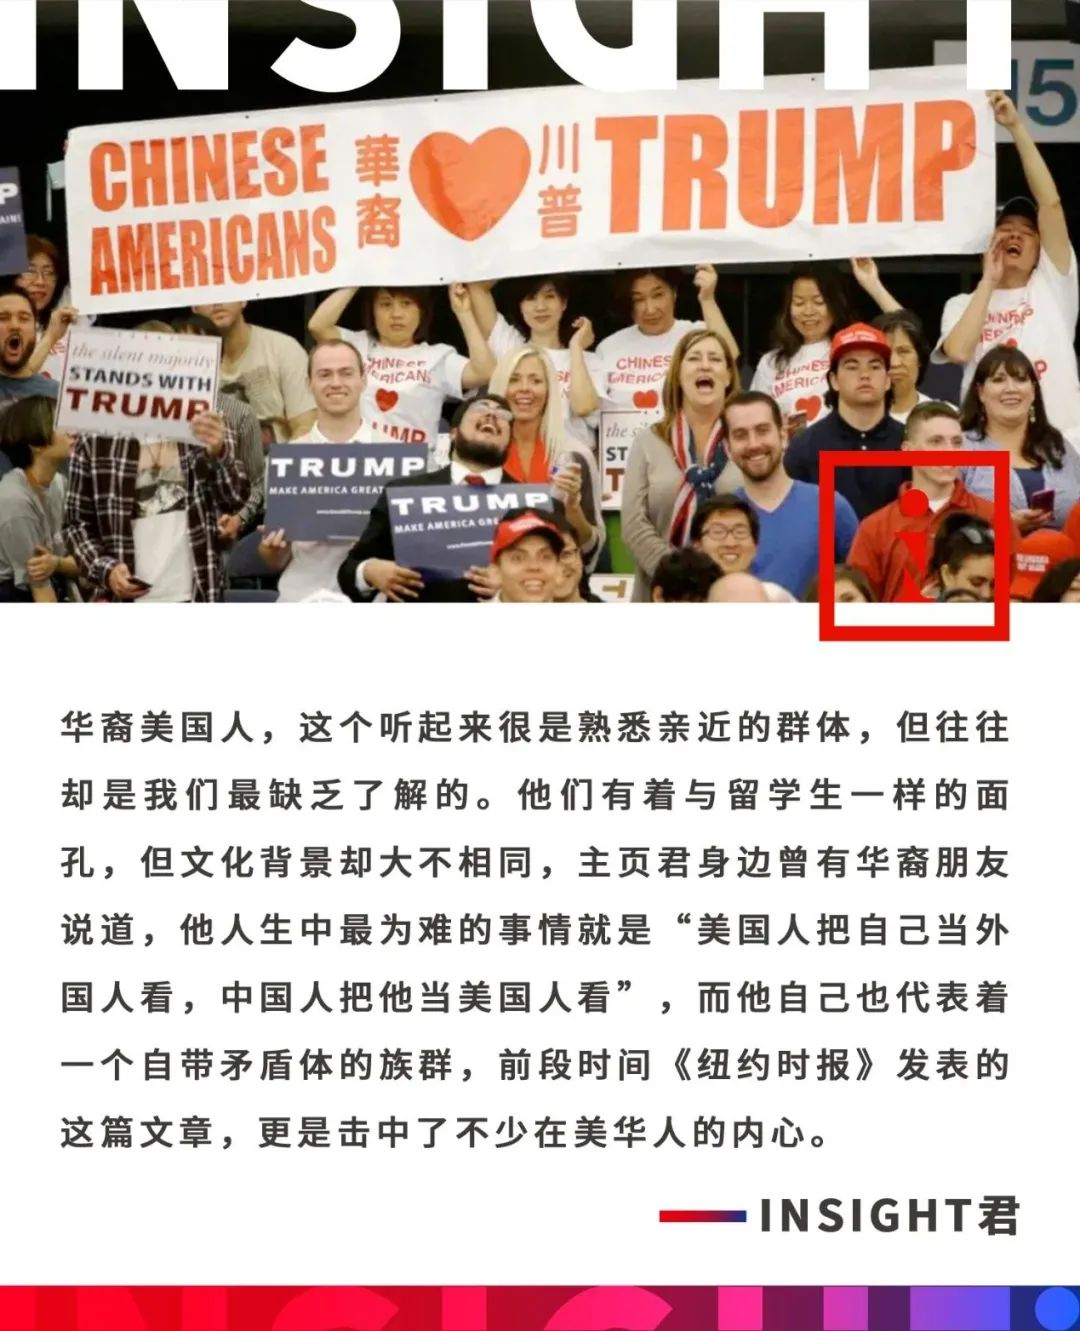 """""""我是满洲人不是华人!""""大批美国华人与中国划清界限"""